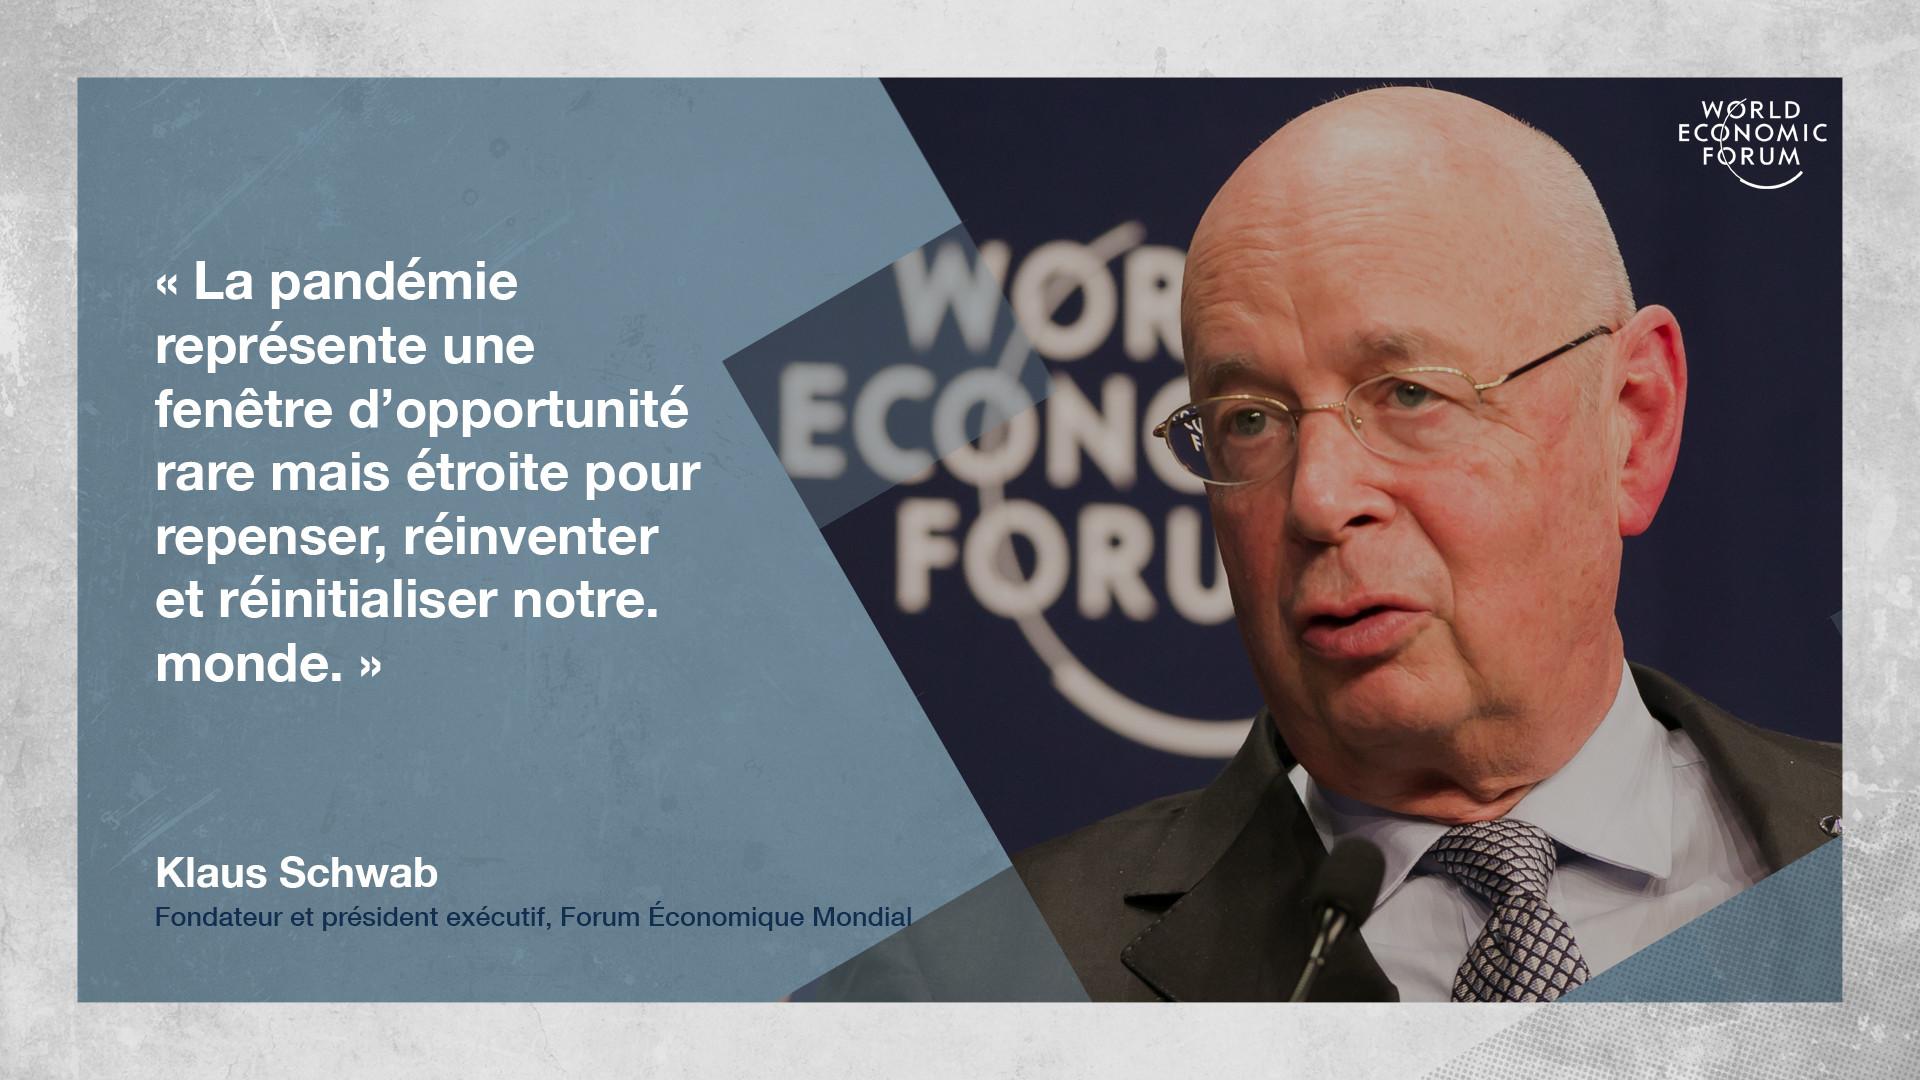 """Le moment est venu de procéder à une """"grande remise à zéro"""" du capitalisme    Forum Économique Mondial"""